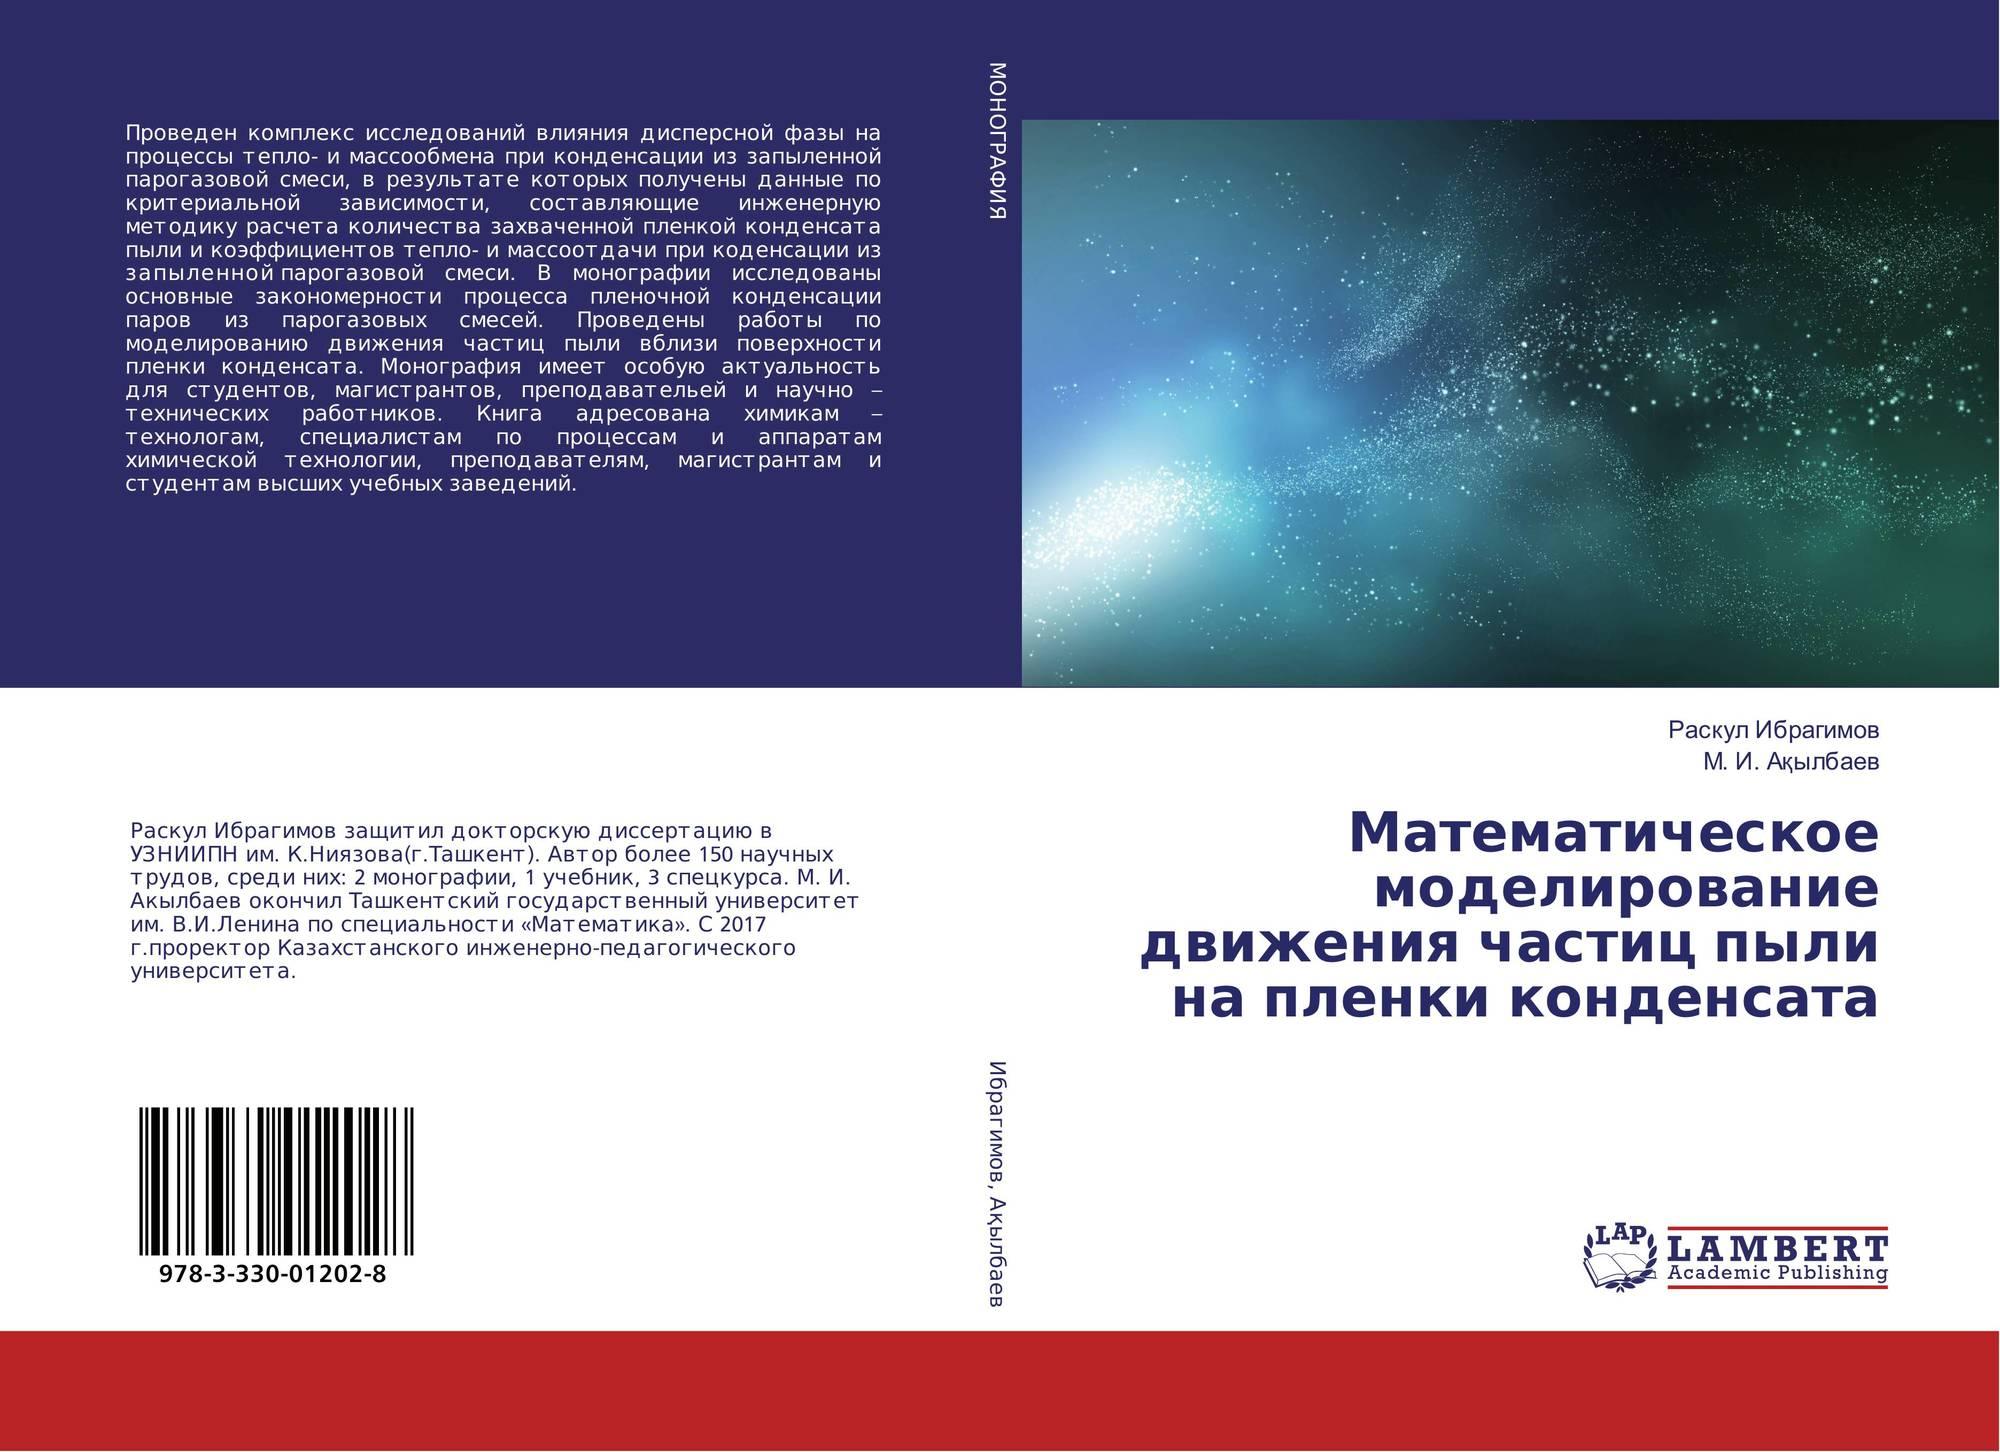 ebook Semiclassical Analysis